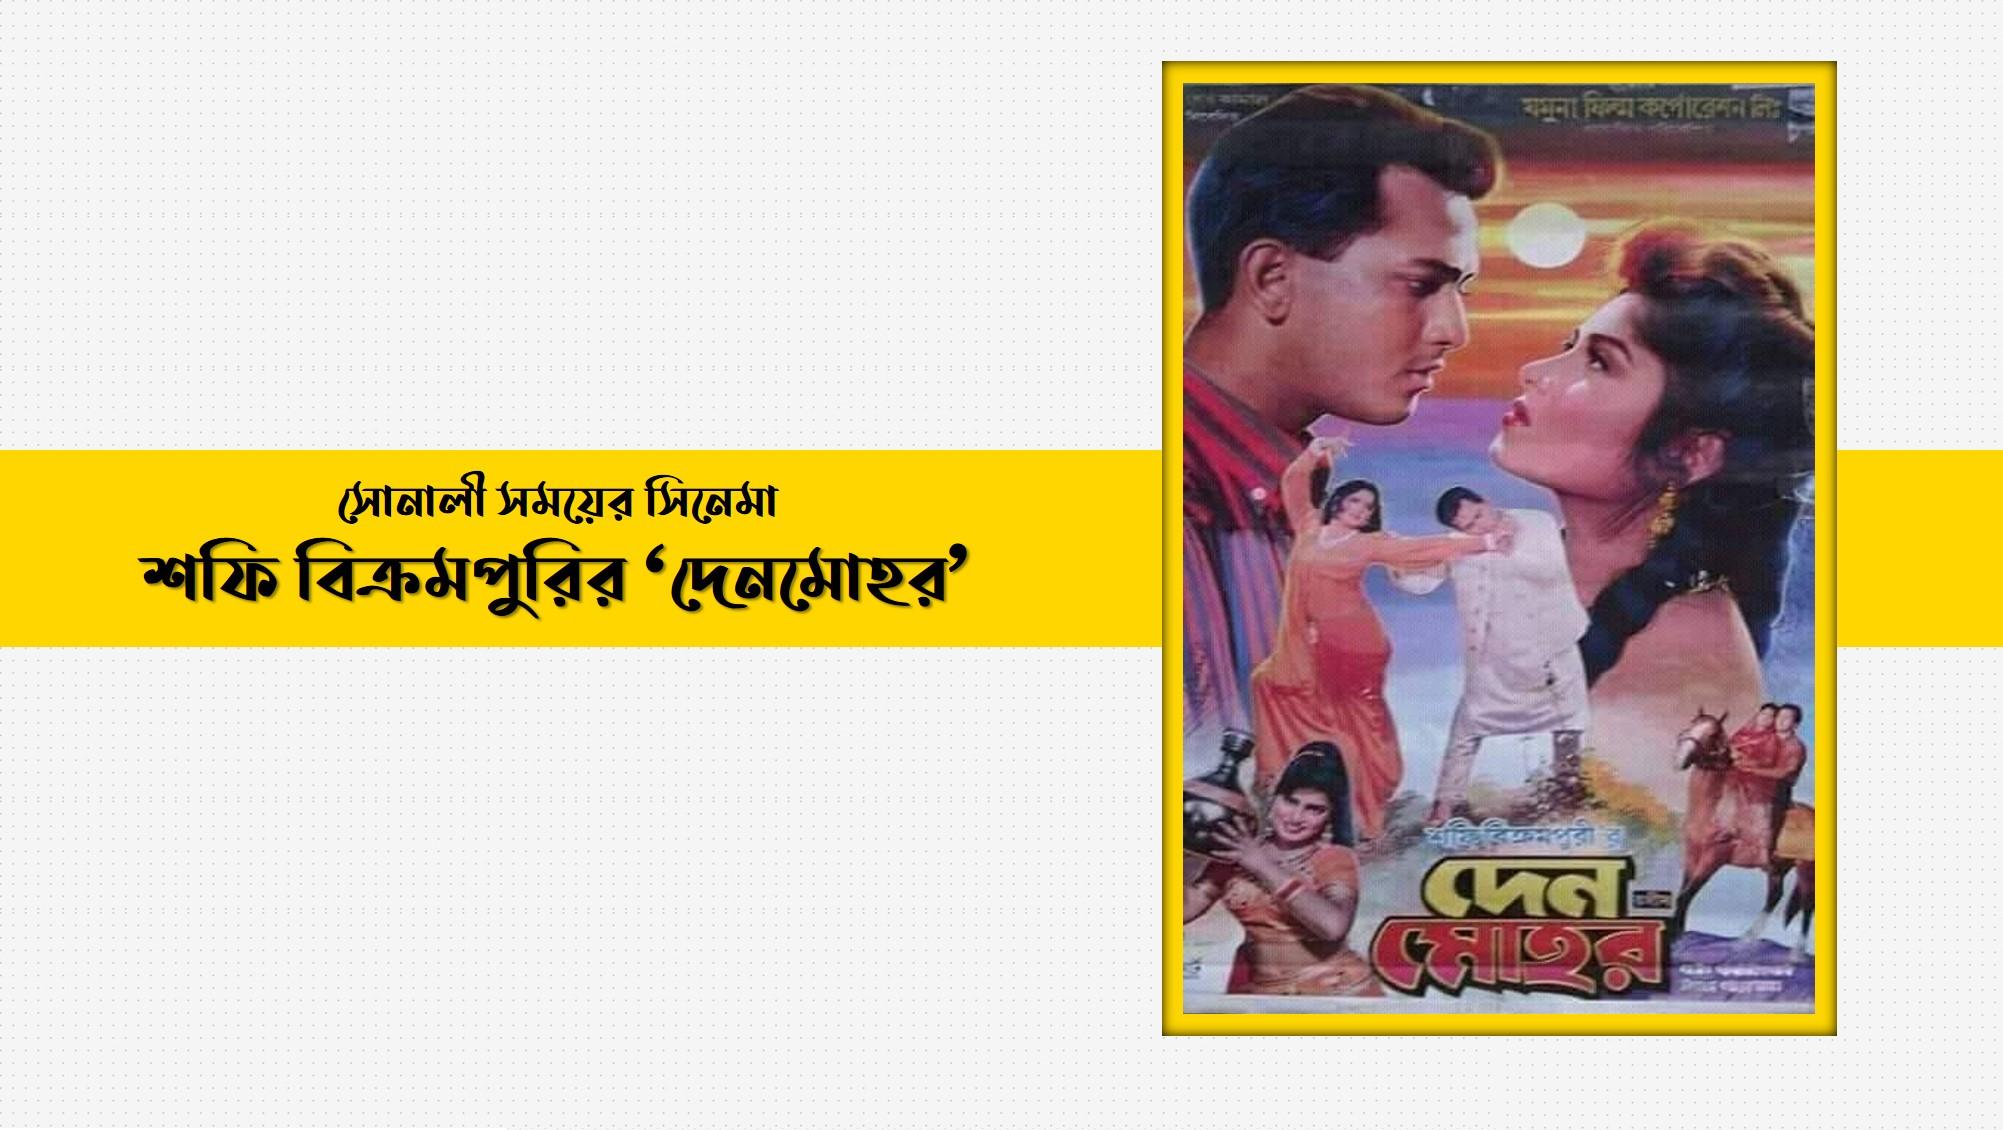 শফি বিক্রমপুরির 'দেনমোহর'